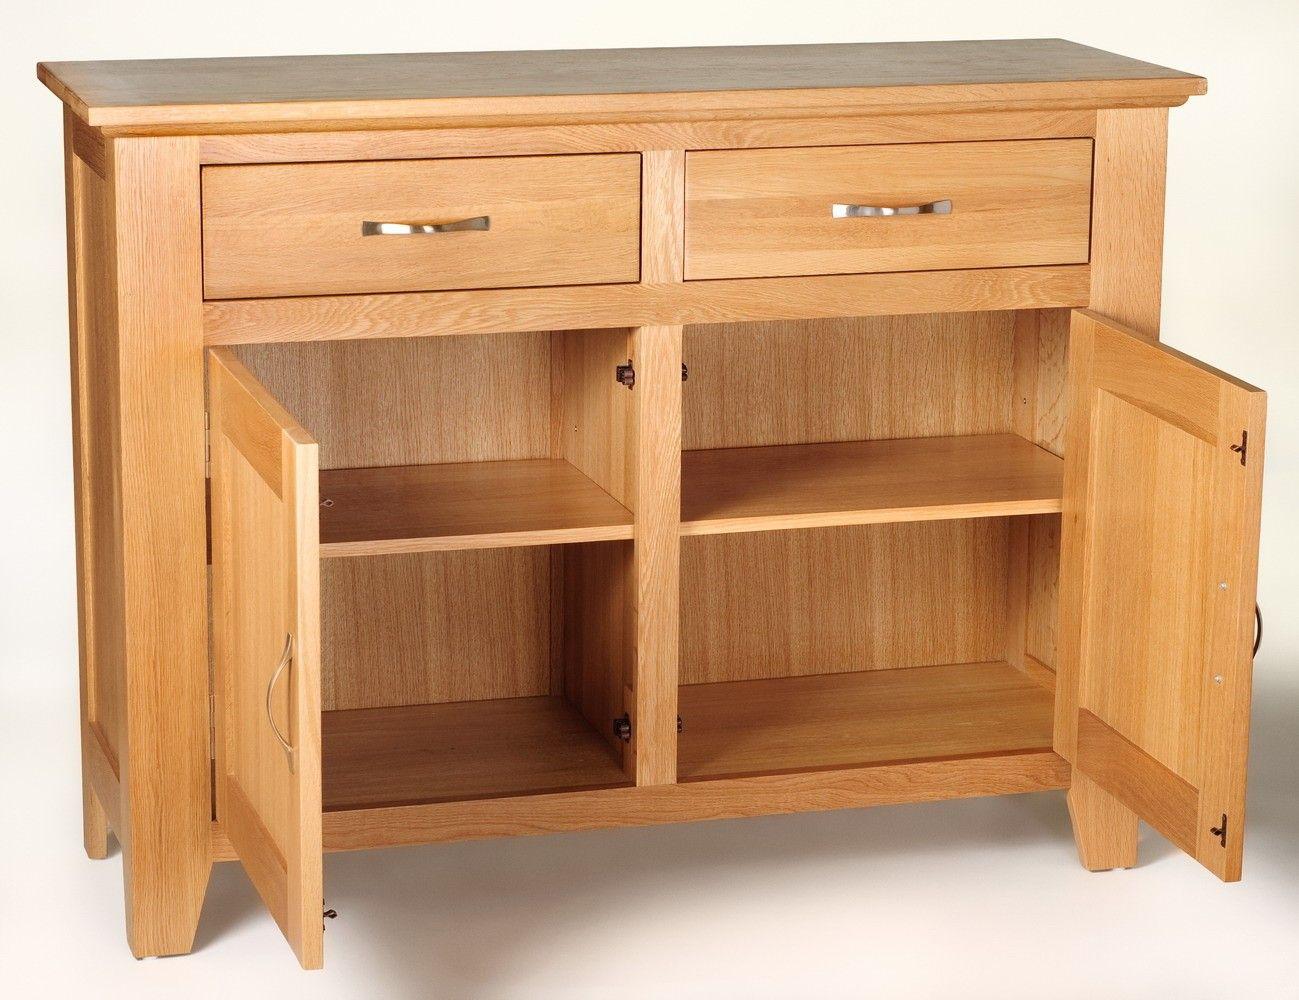 Camberley Oak 2 Door 2 Drawer Sideboard Oak Sideboard Solid Oak Sideboard Oak Furniture